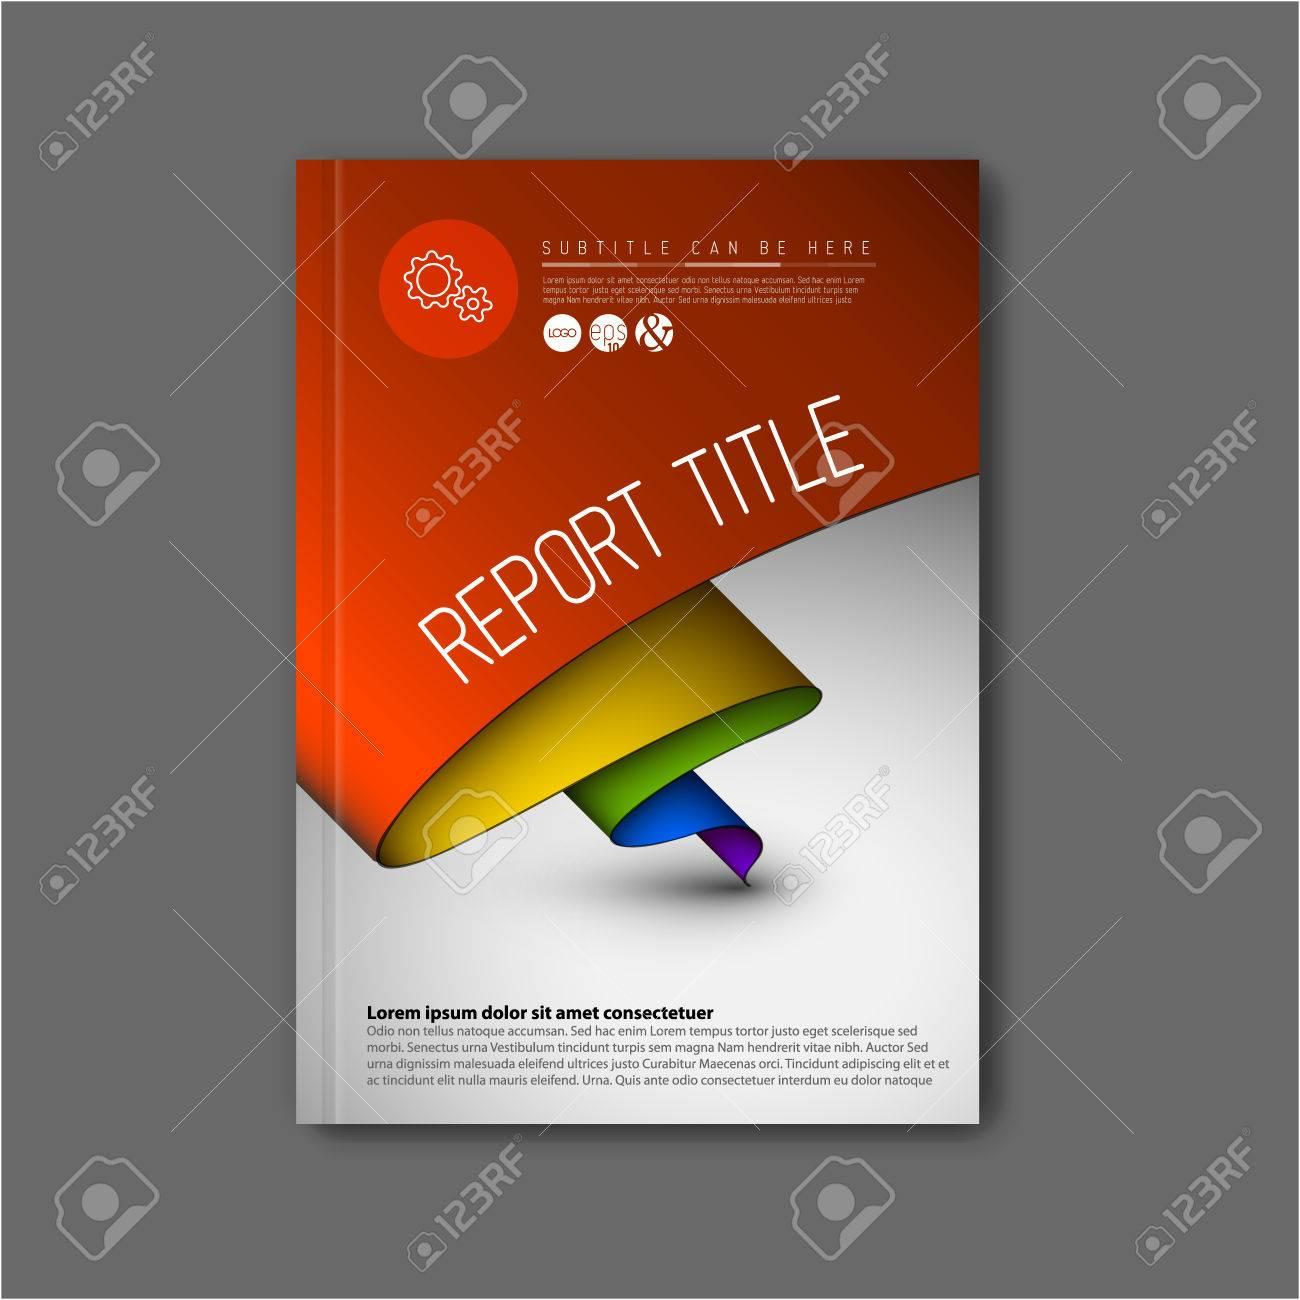 Moderne Vector Abstract Broschüre / Buch / Flyer Design-Vorlage Mit ...